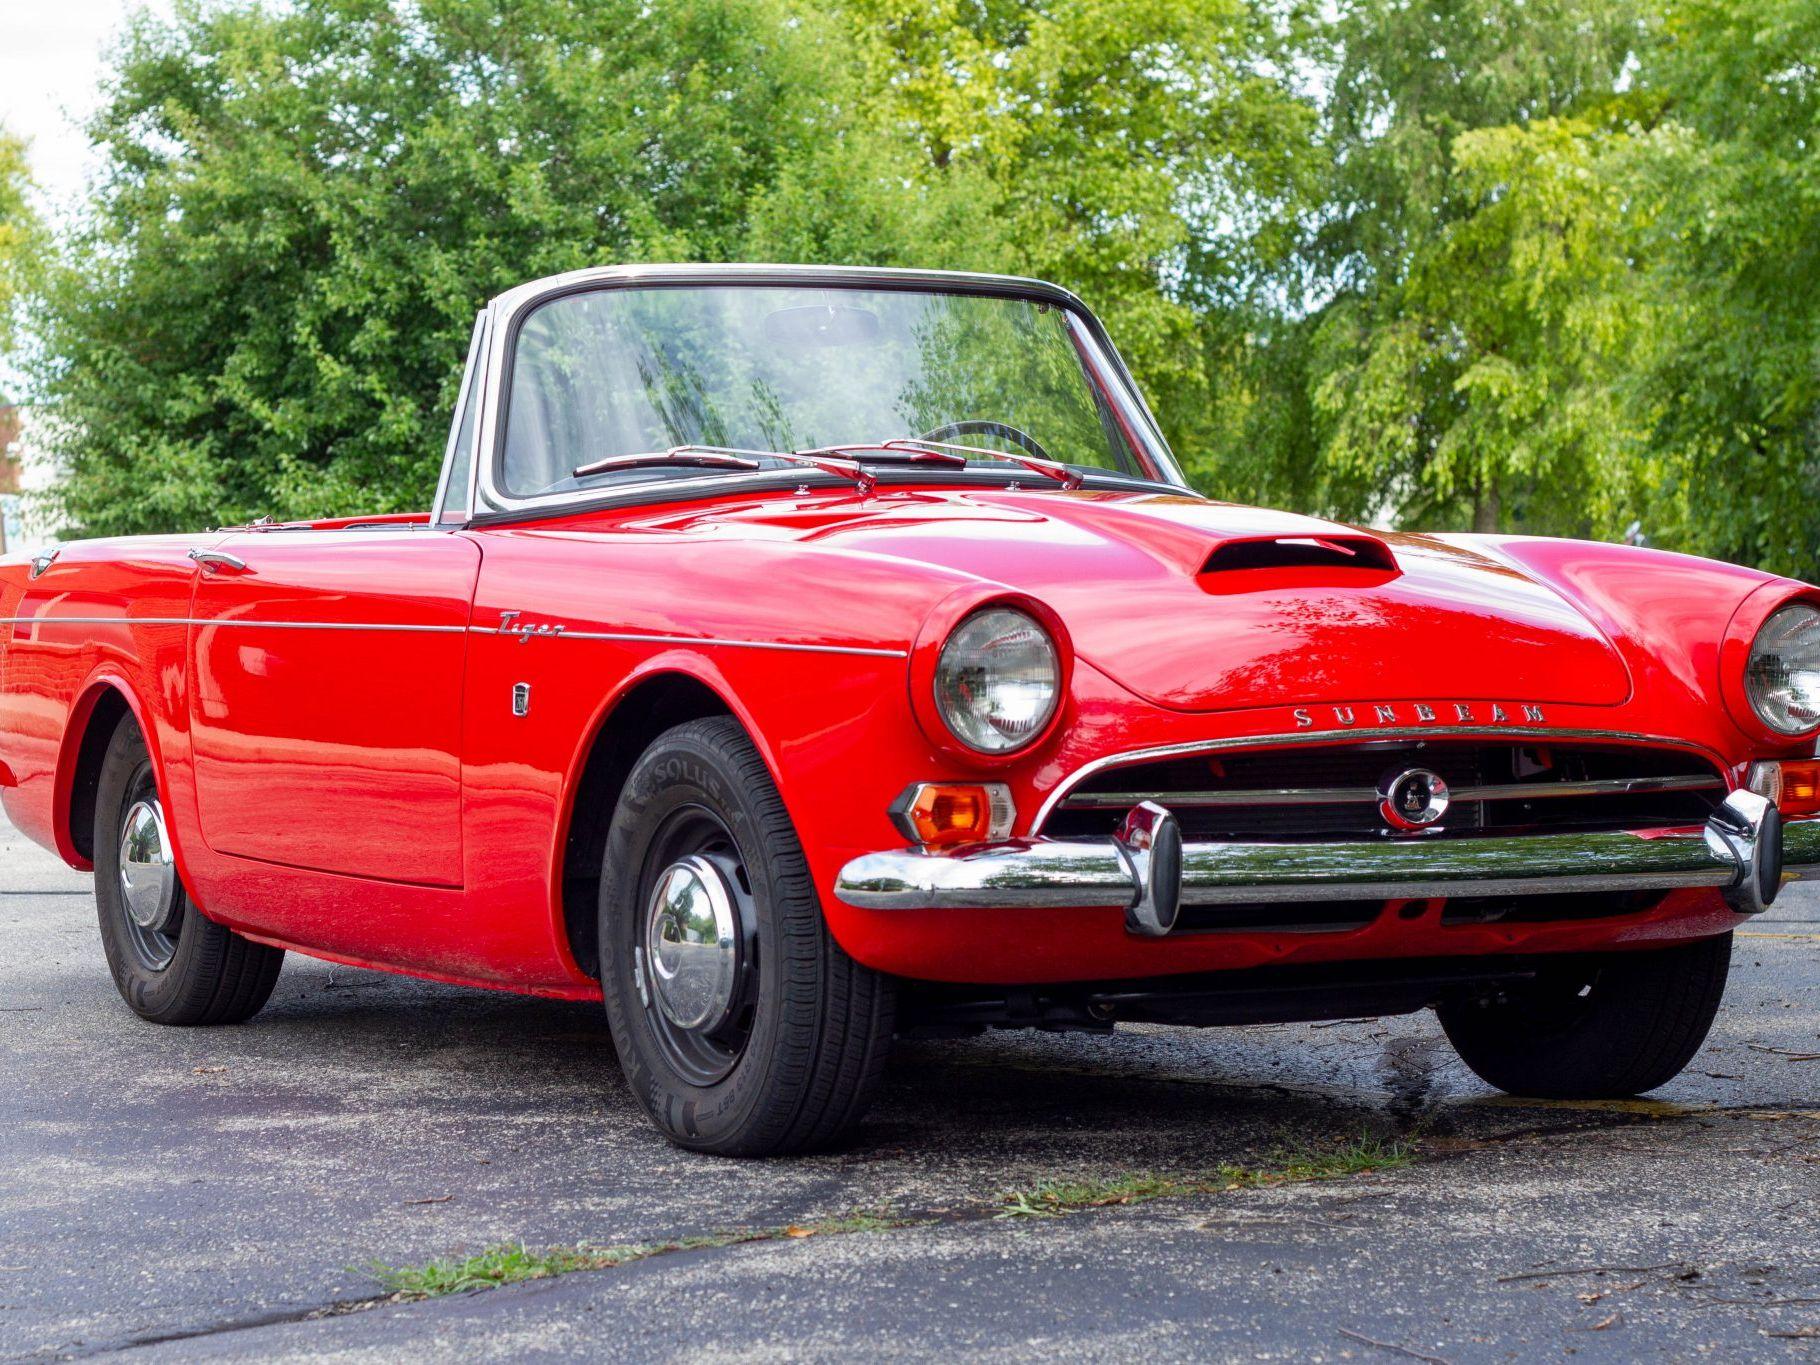 1965 Sunbeam Tiger 5-Speed